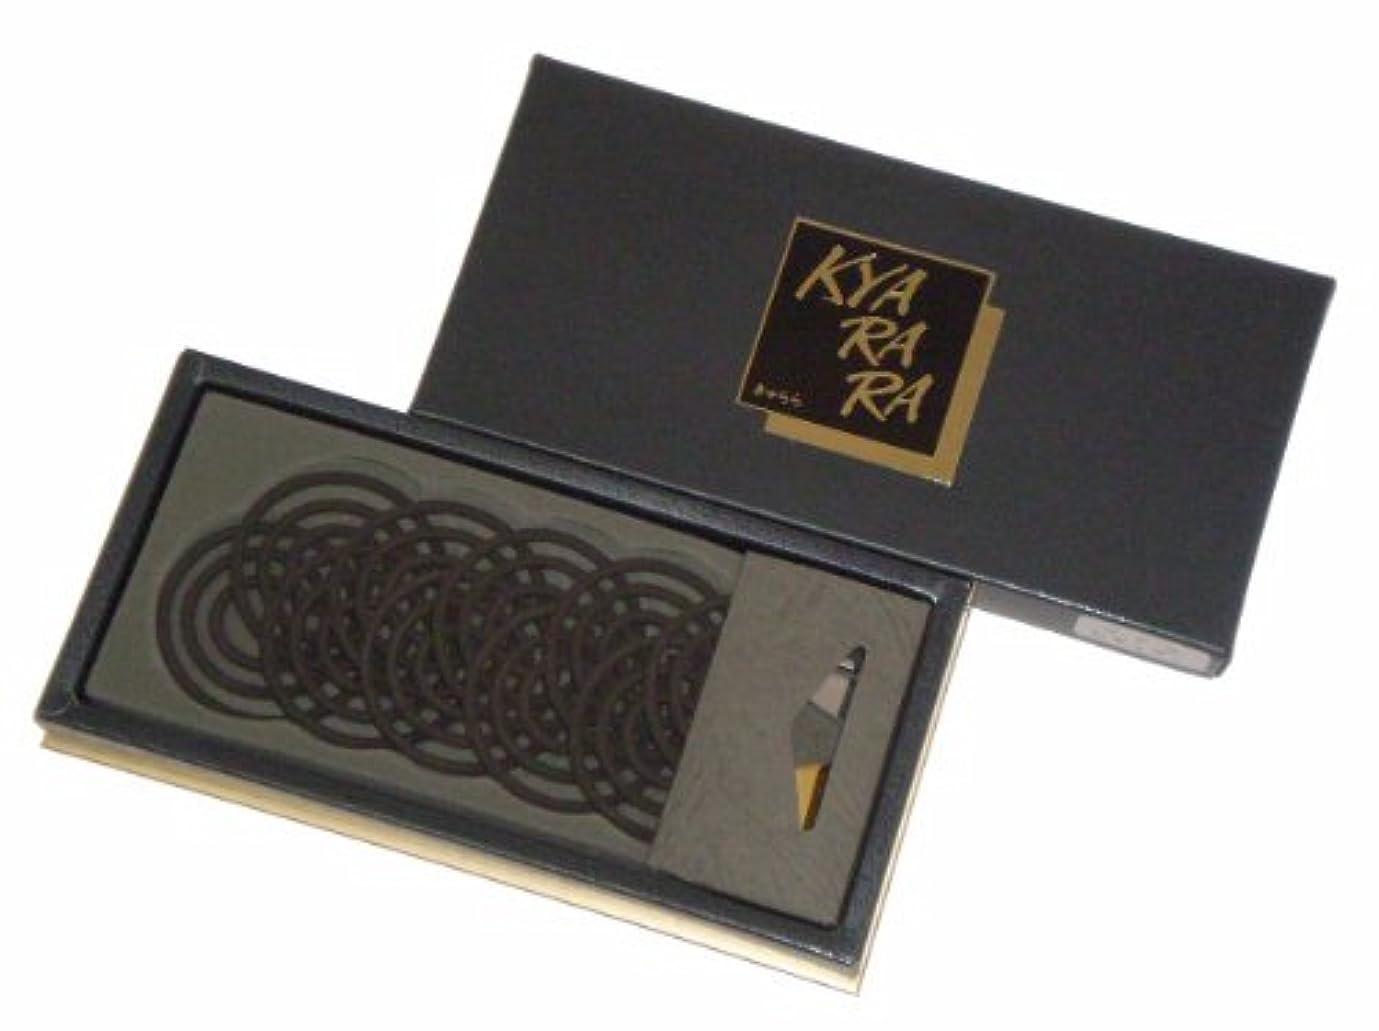 の配列前サンダース玉初堂のお香 キャララ コイルレギュラーセット #5234